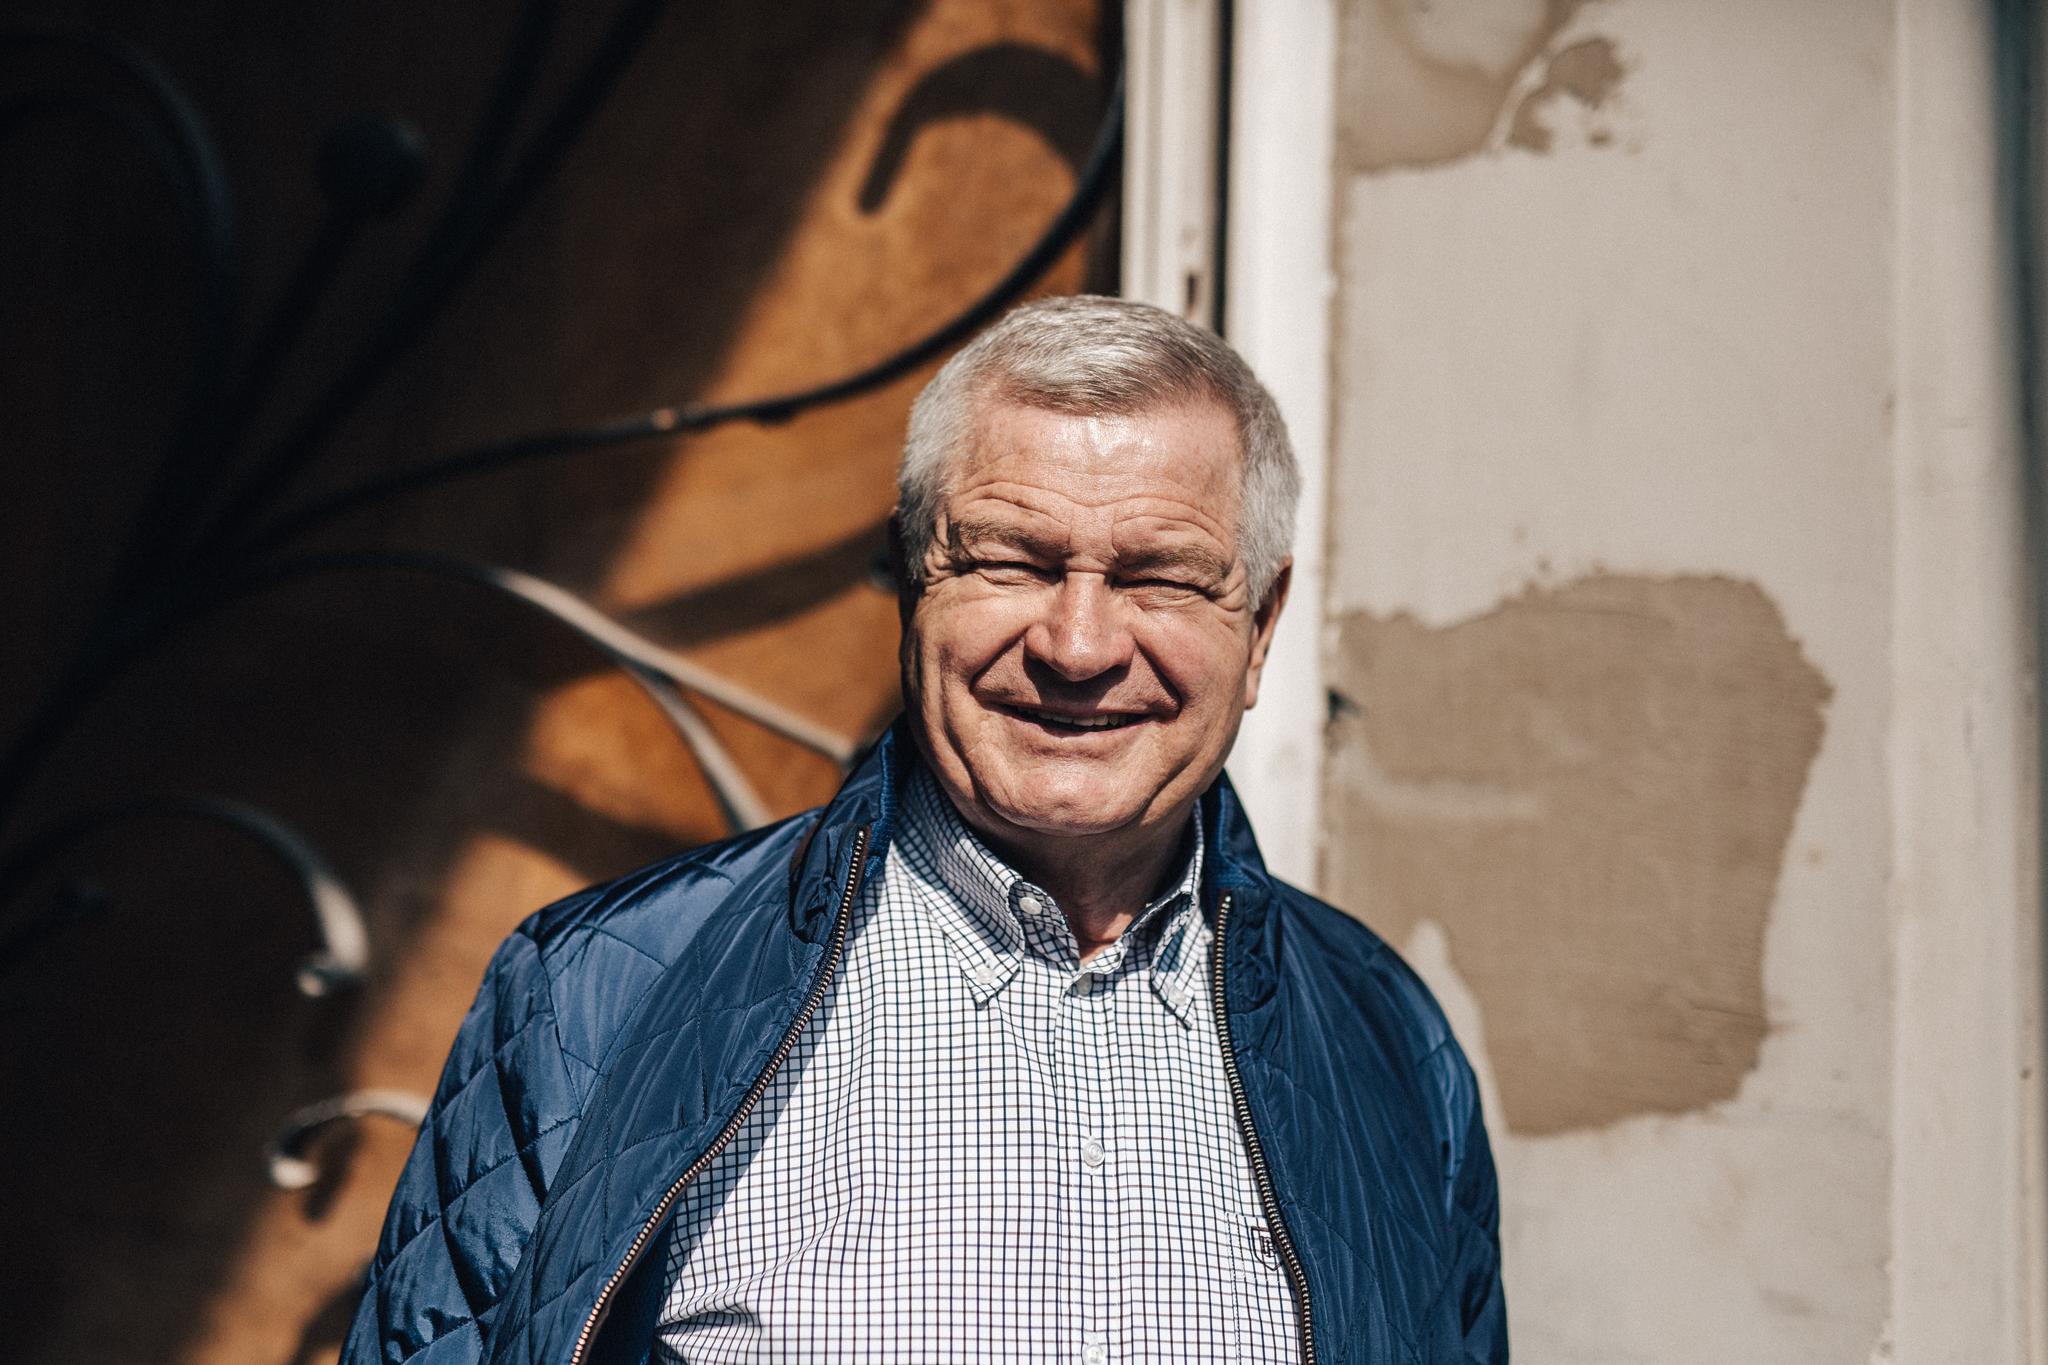 V právní stát už nevěřím. Dostat se v Česku do vězení je příliš snadné, říká miliardář Zemek